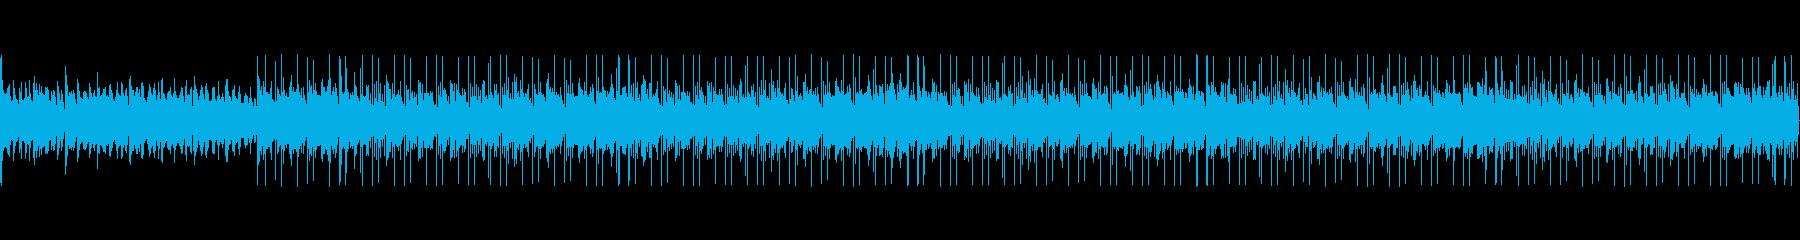 緊迫感のある弦とピアノのエレクトロニカの再生済みの波形